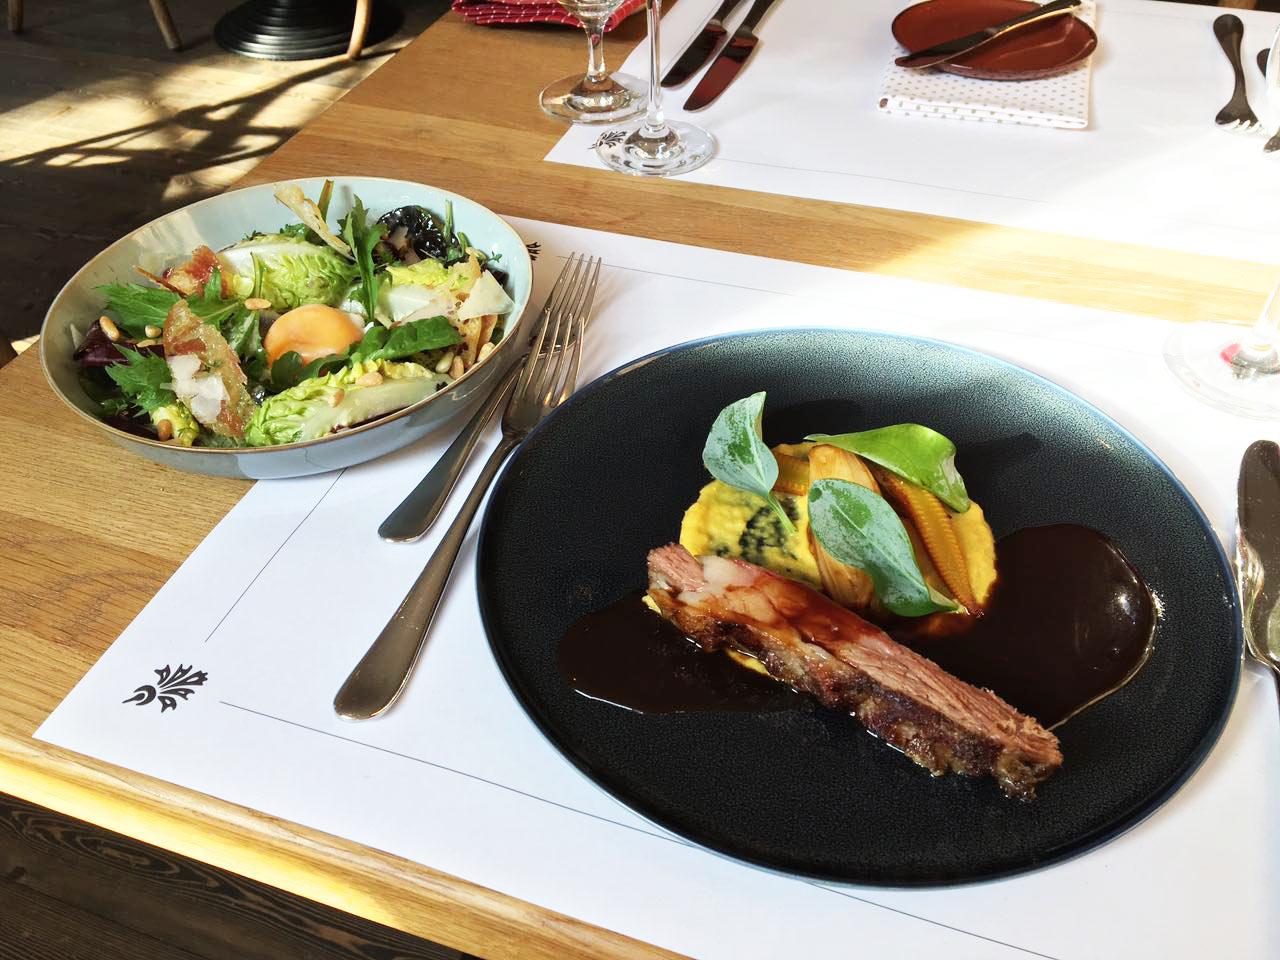 Genießen Sie in vollen Zügen die Speisen und Getränke im Restaurant ...